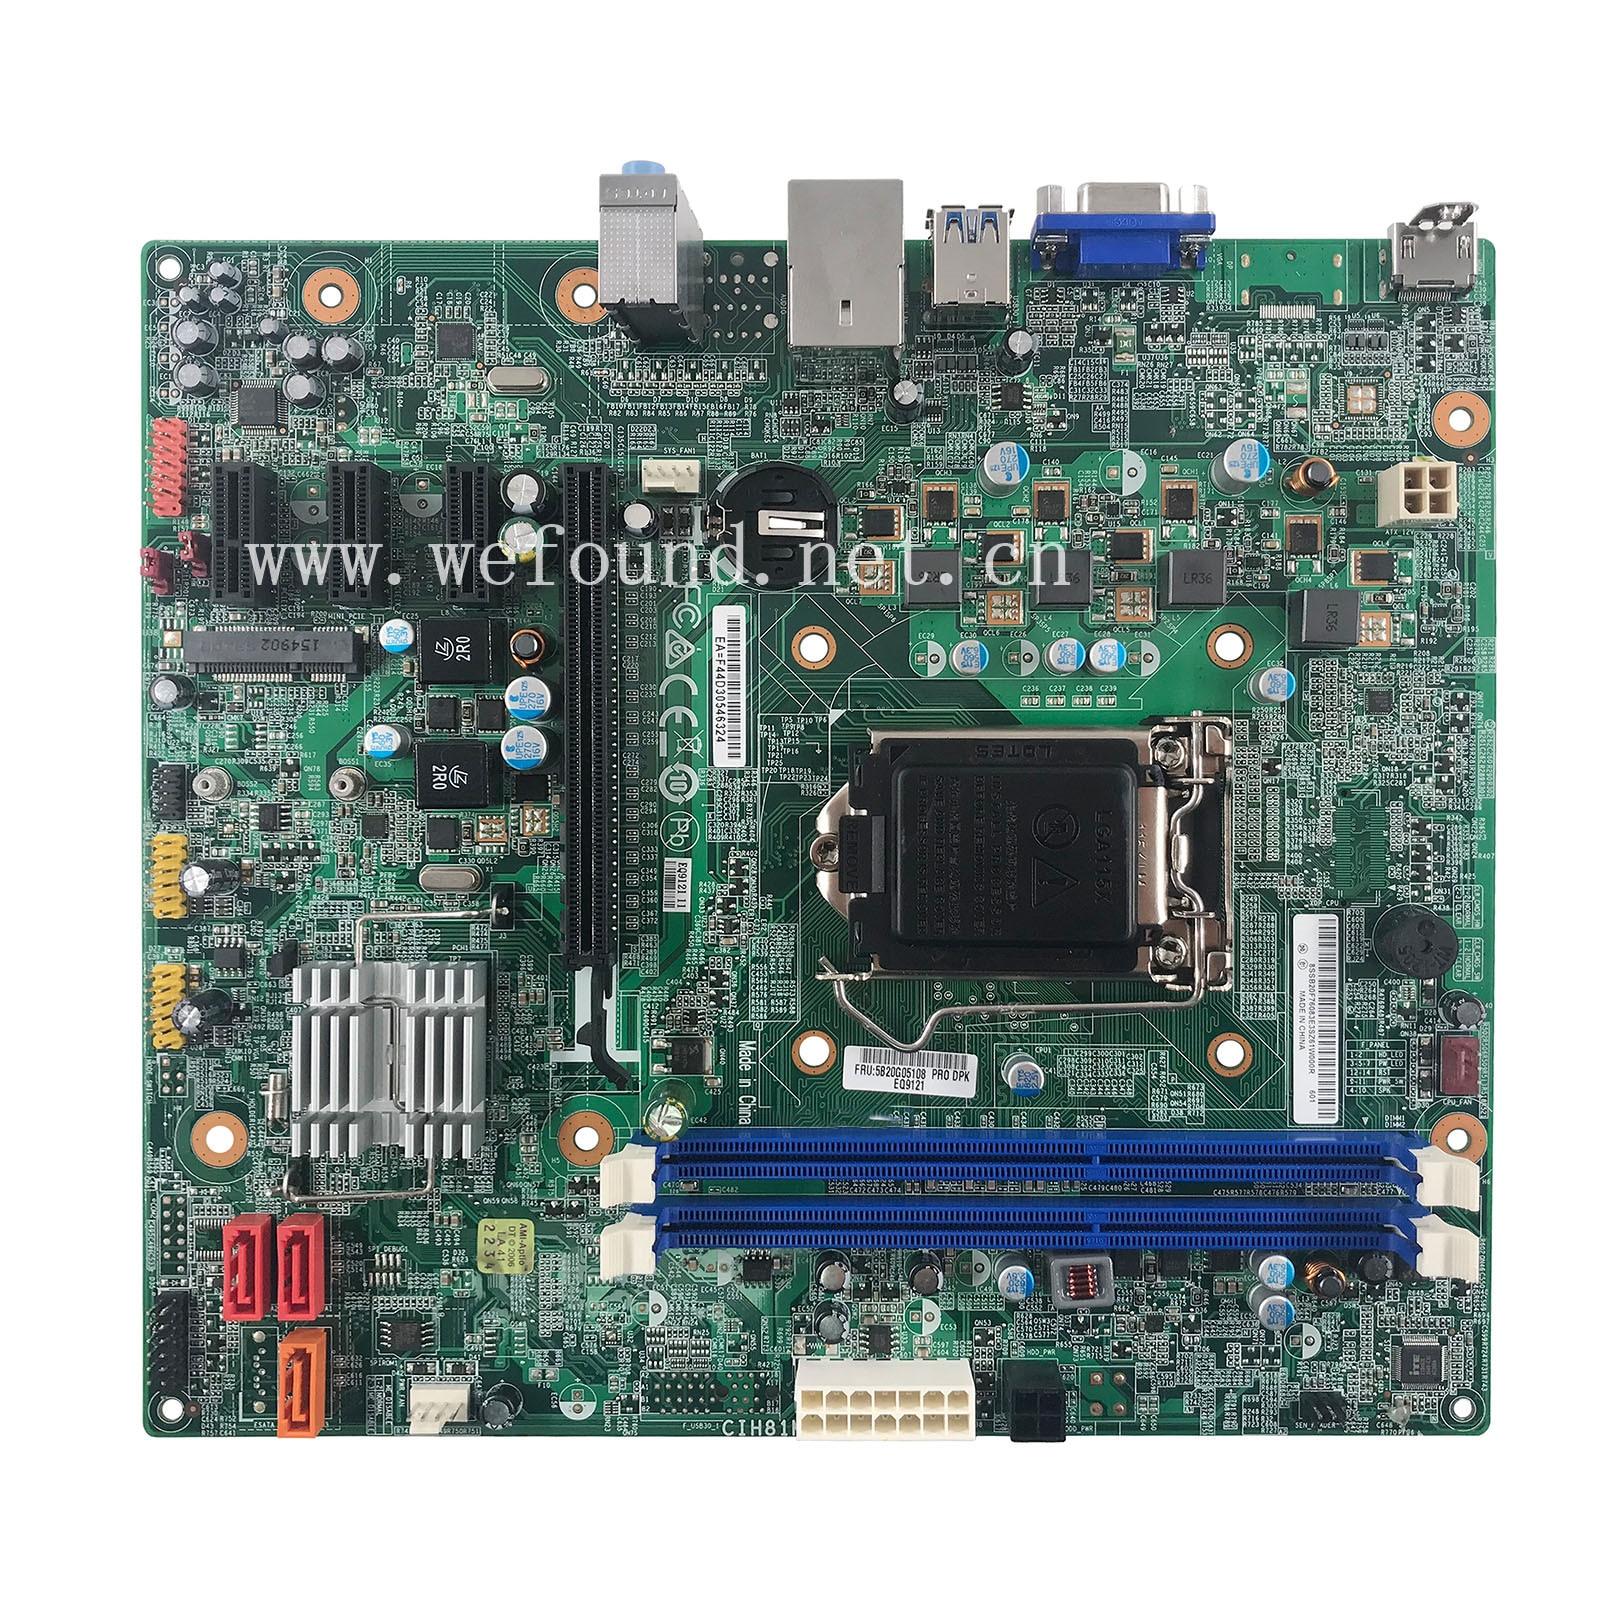 100% de trabalho Motherboard do servidor para 5B20G05108 H3050 D5050 G5050 H530S H81H3-LM CIH81M Totalmente Testado